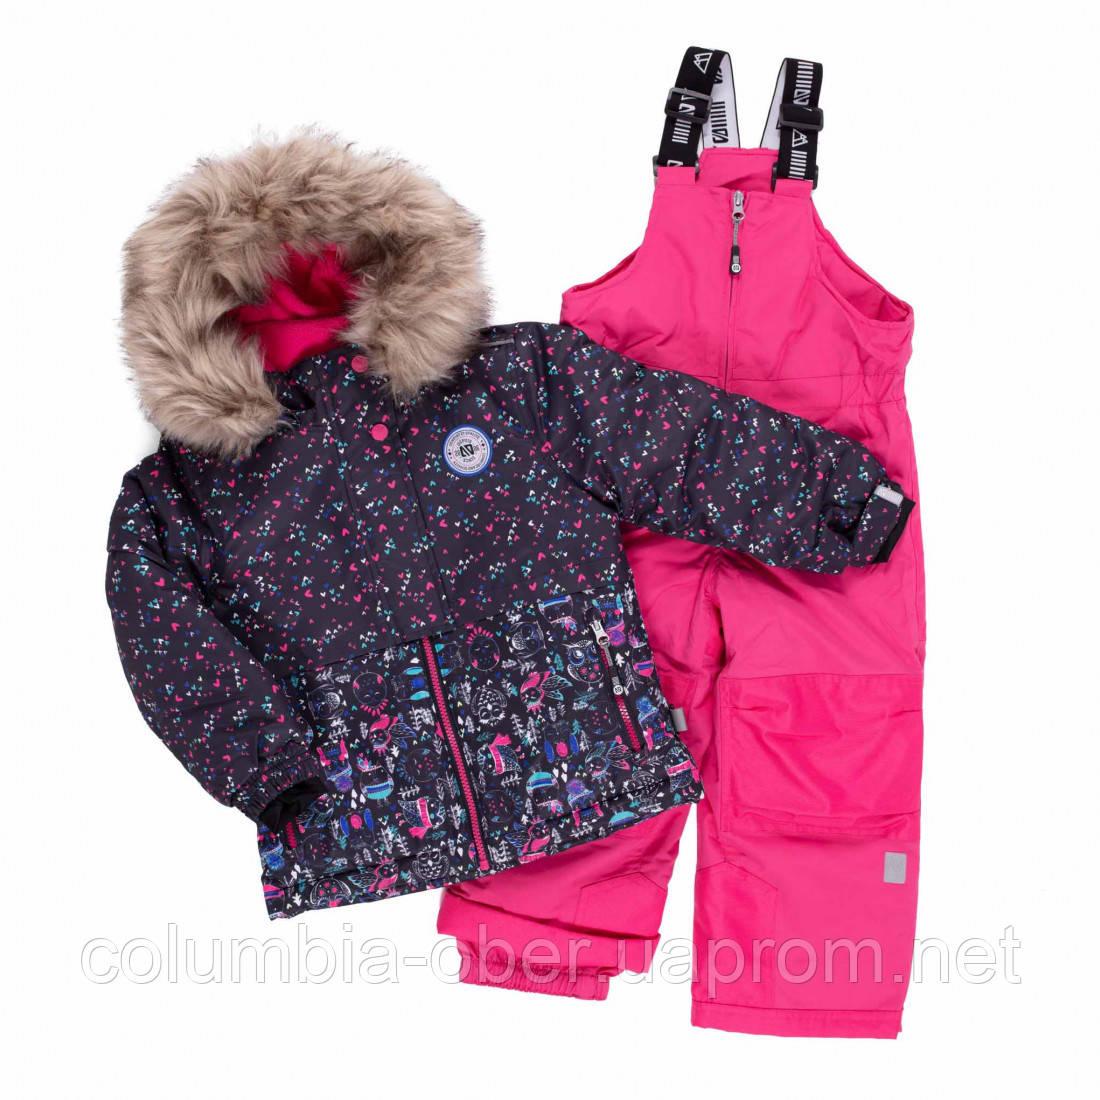 Зимний термокомплект для девочки NANO F20M286 DkNavy Bubblegum. Размеры 3 - 8.